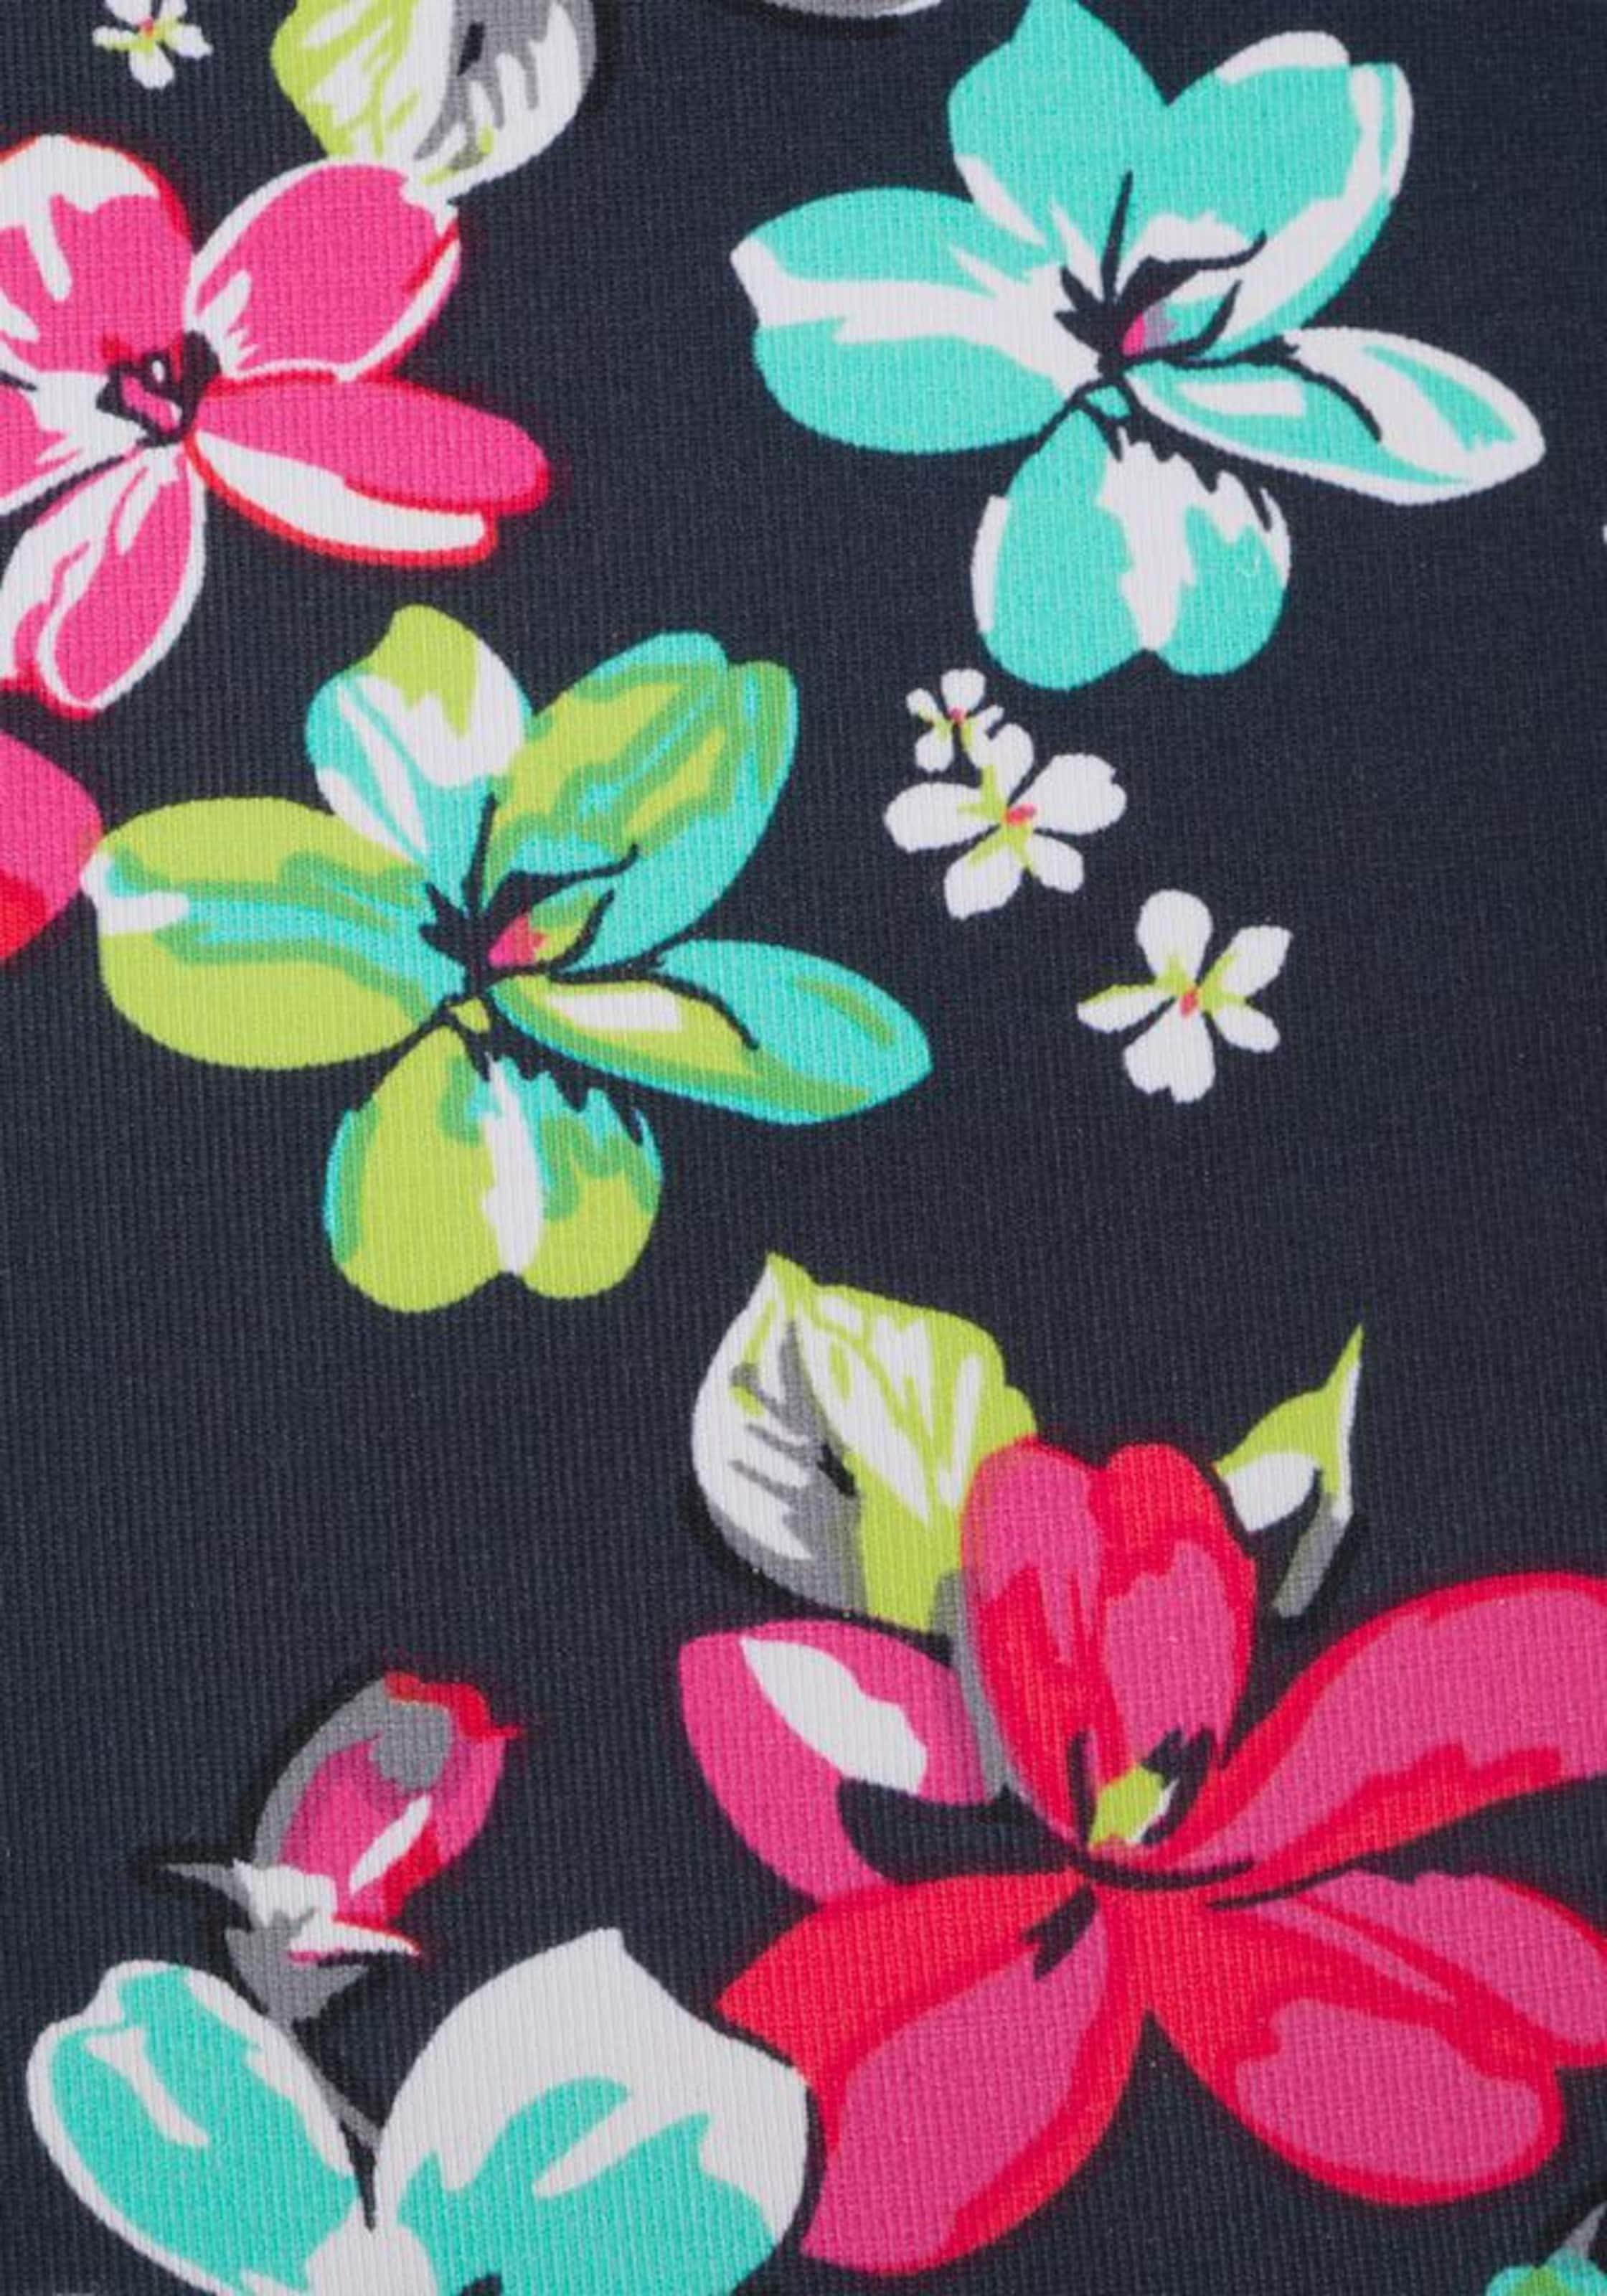 Label In 'valencia' oliver Navy Red Bikini hose S Beachwear Tl5cu3FK1J